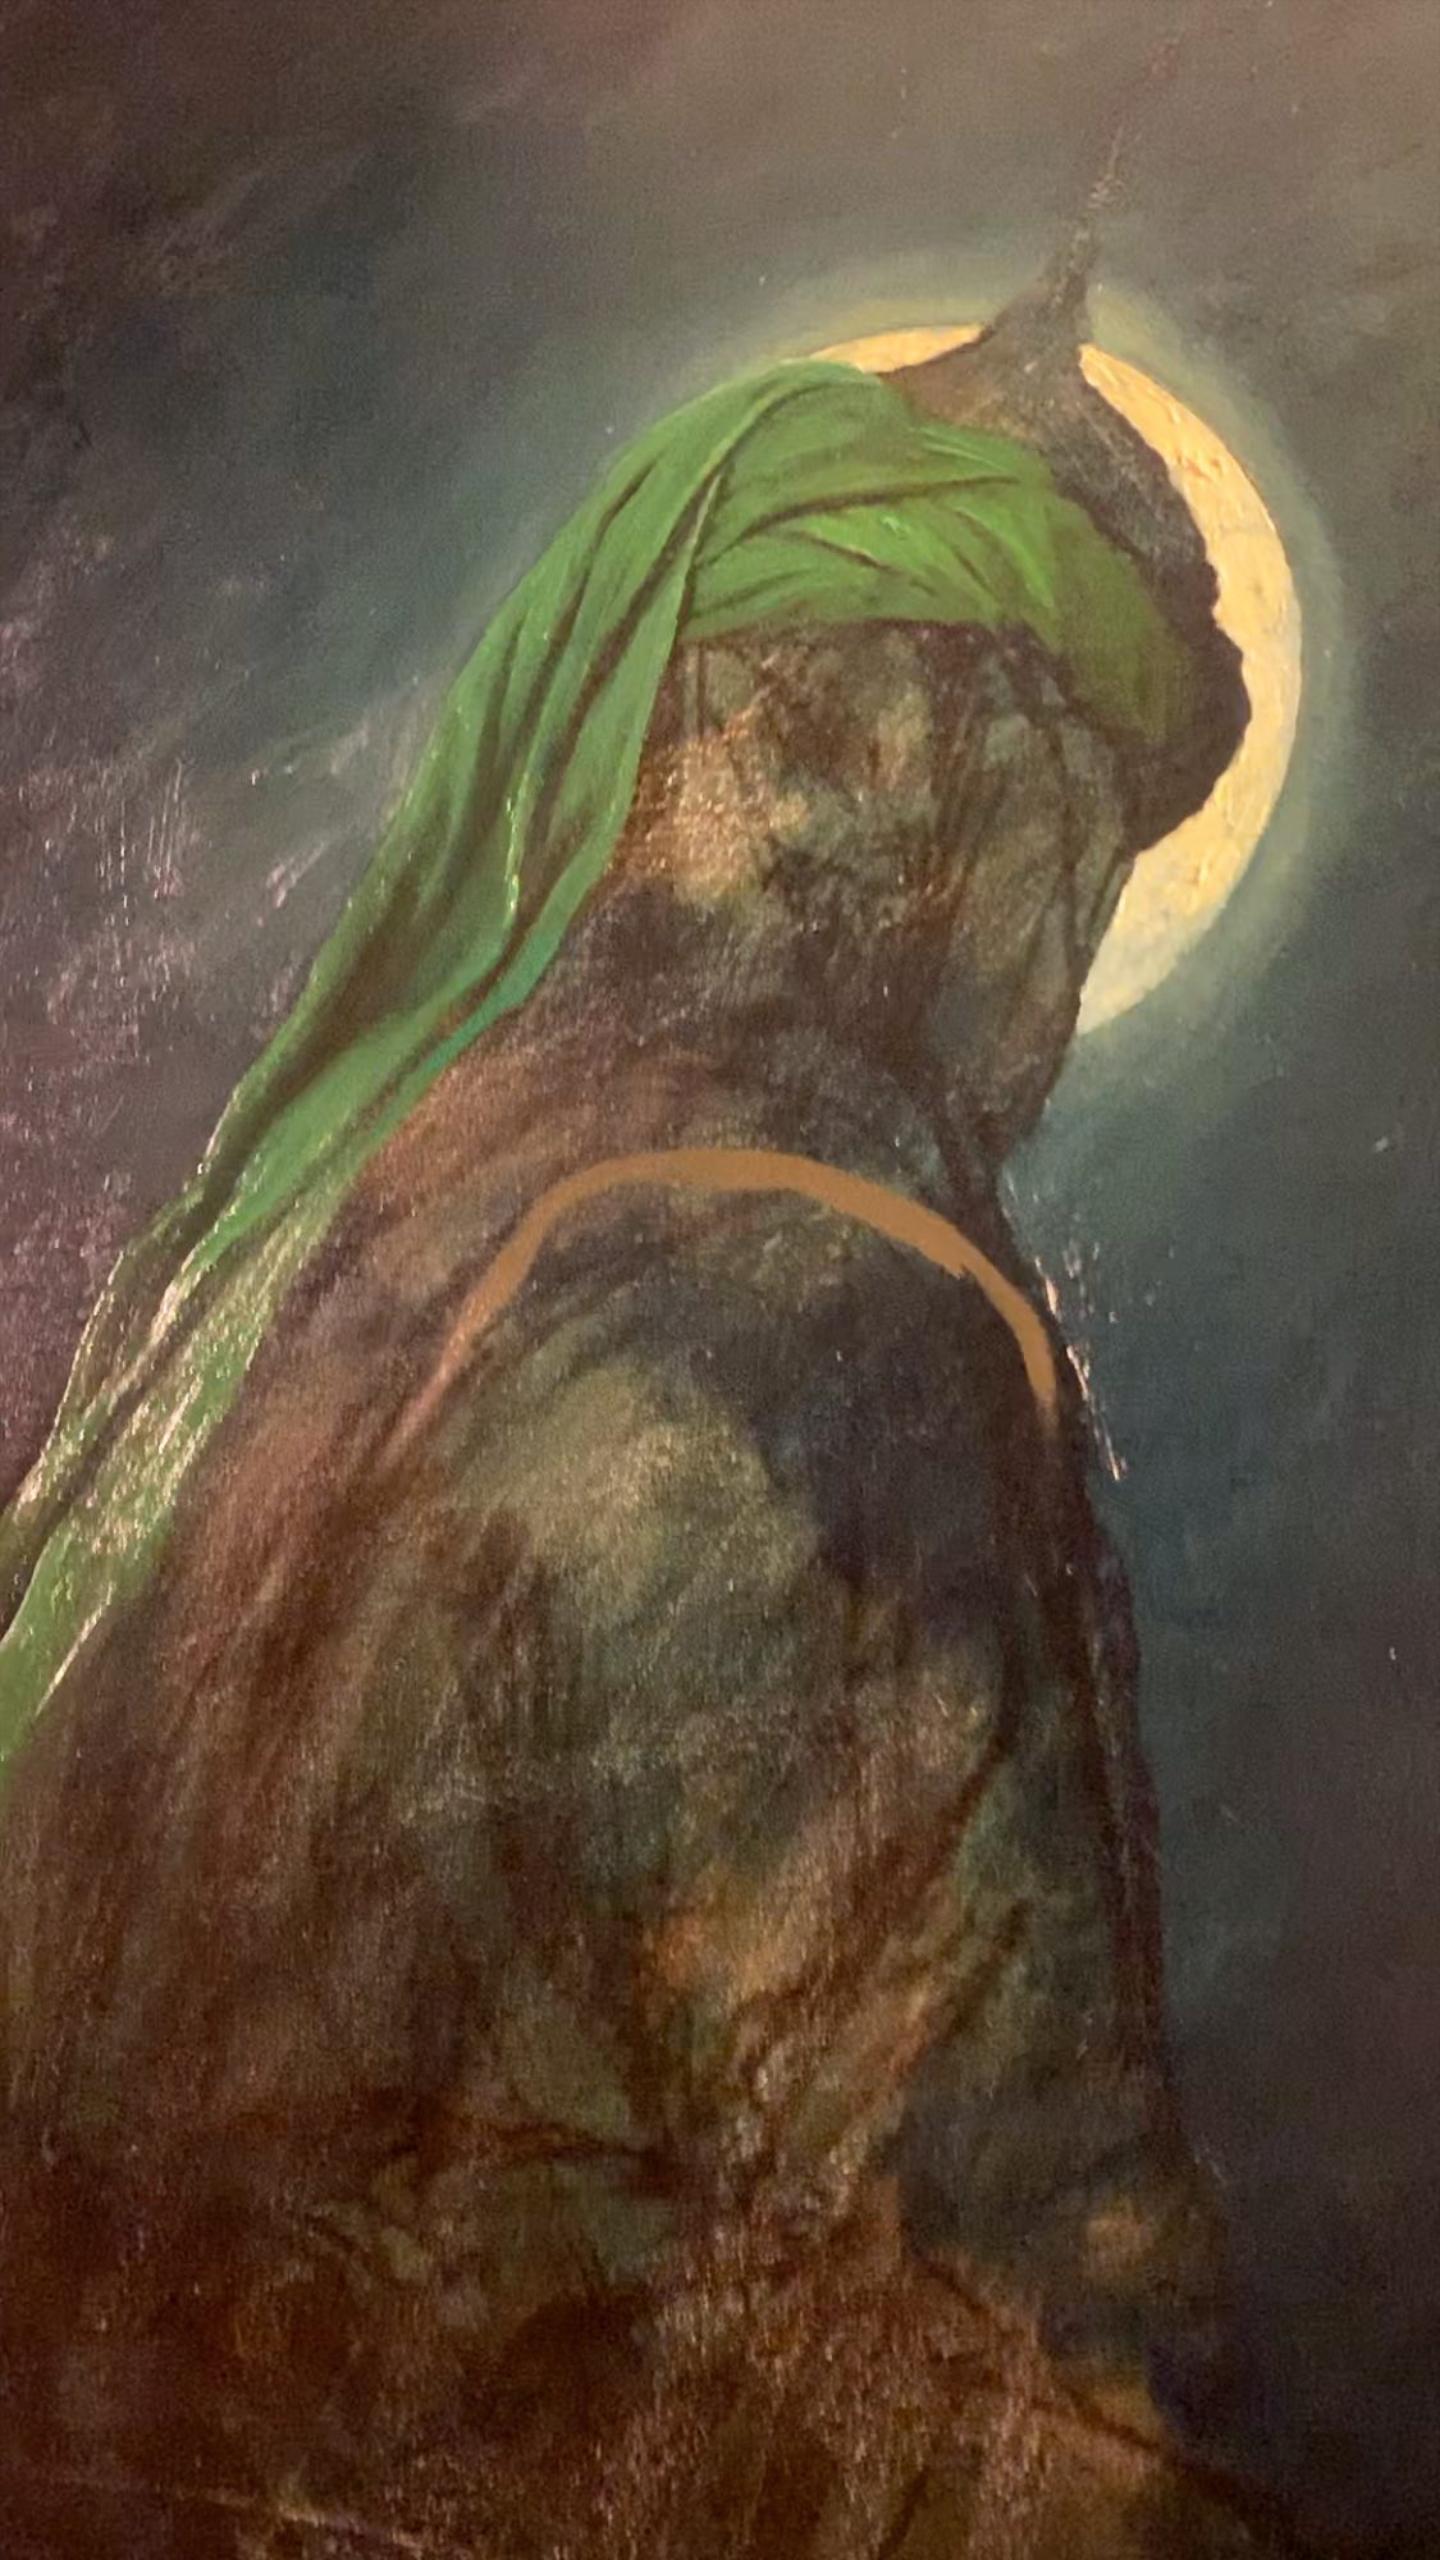 لوحة الرسام الإيراني حسن روح الأمين للإمام أبي الفضل العباس بن علي بن أبي طالب Islamic Paintings Islamic Artwork Islamic Art Calligraphy